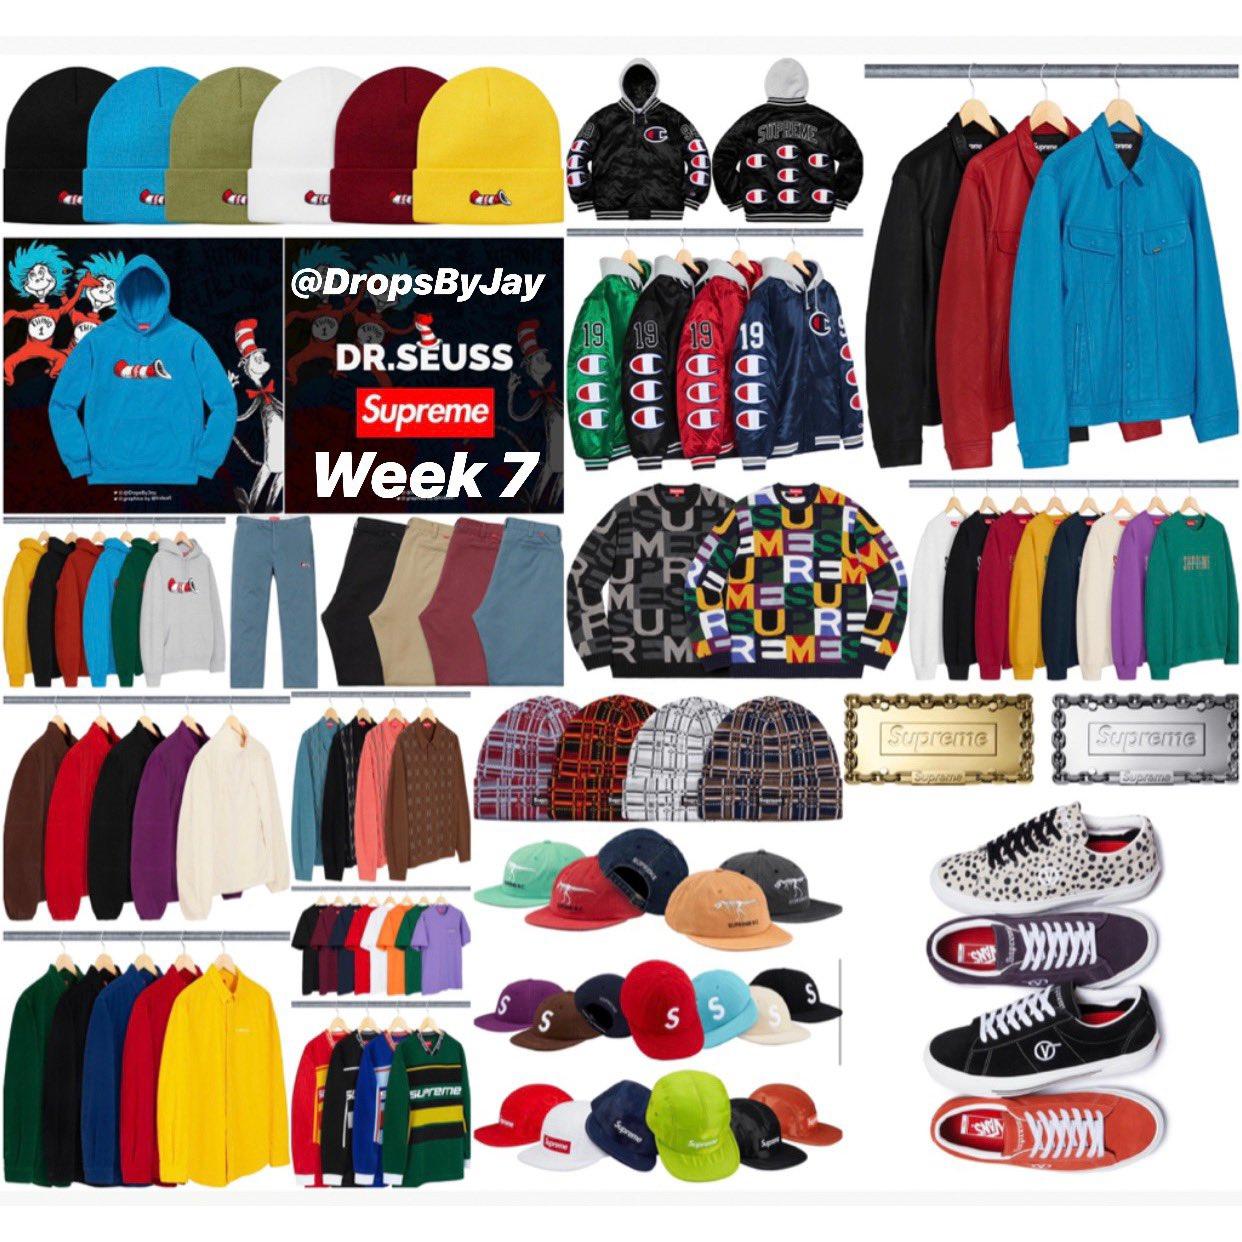 Supreme Week 7